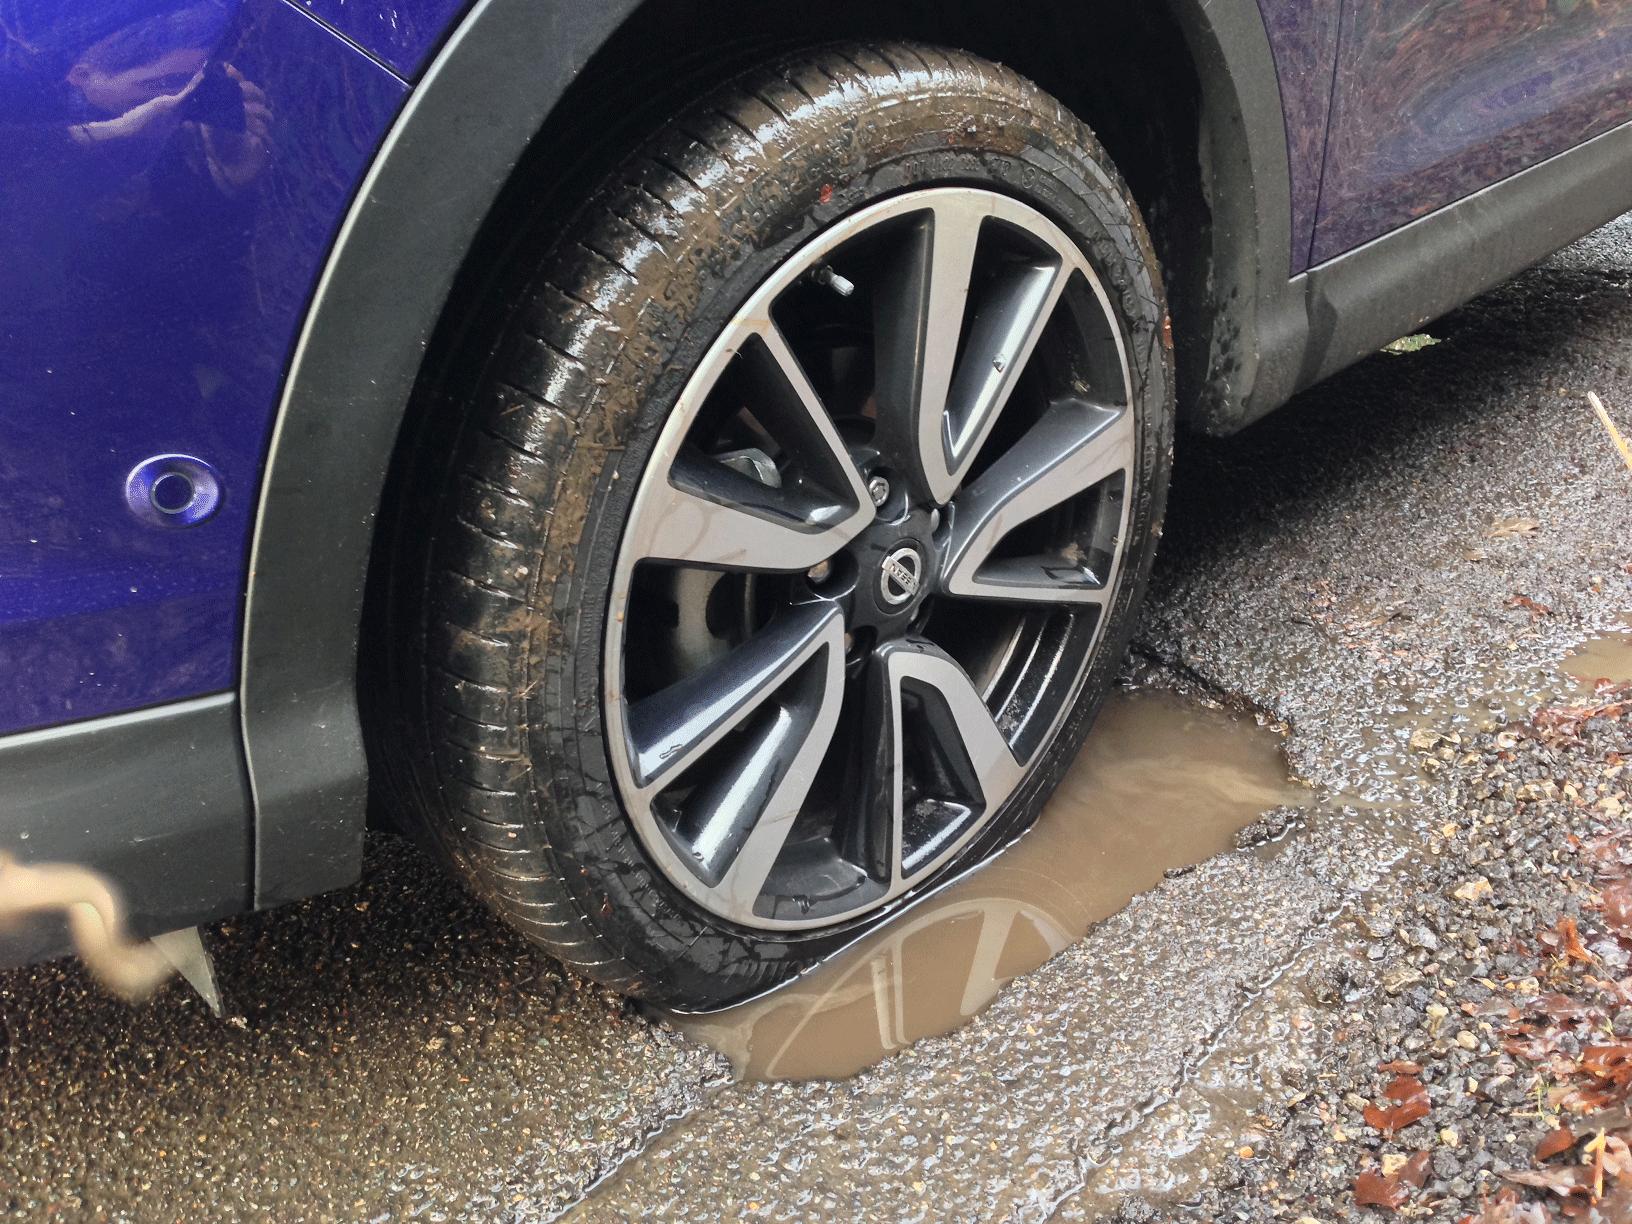 Nissan wheel in pothole